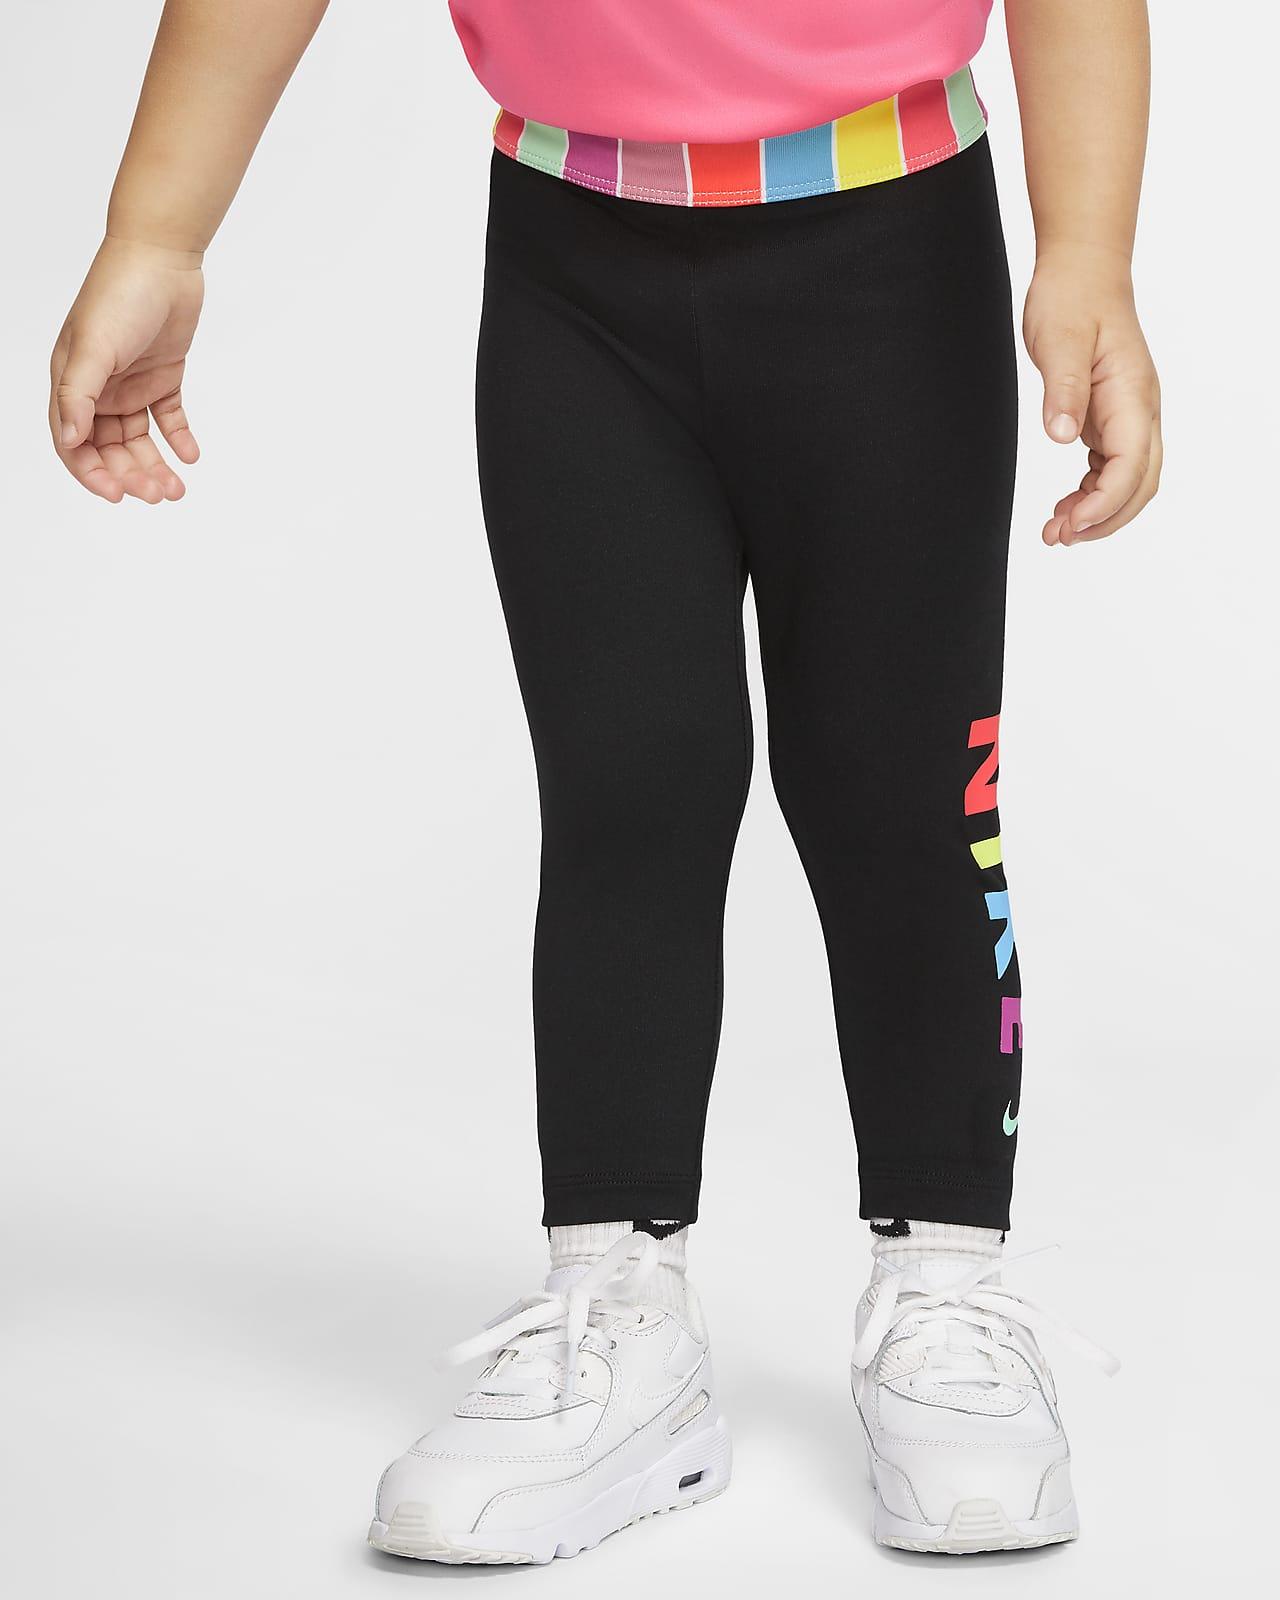 Nike Dri-FIT 婴童紧身裤